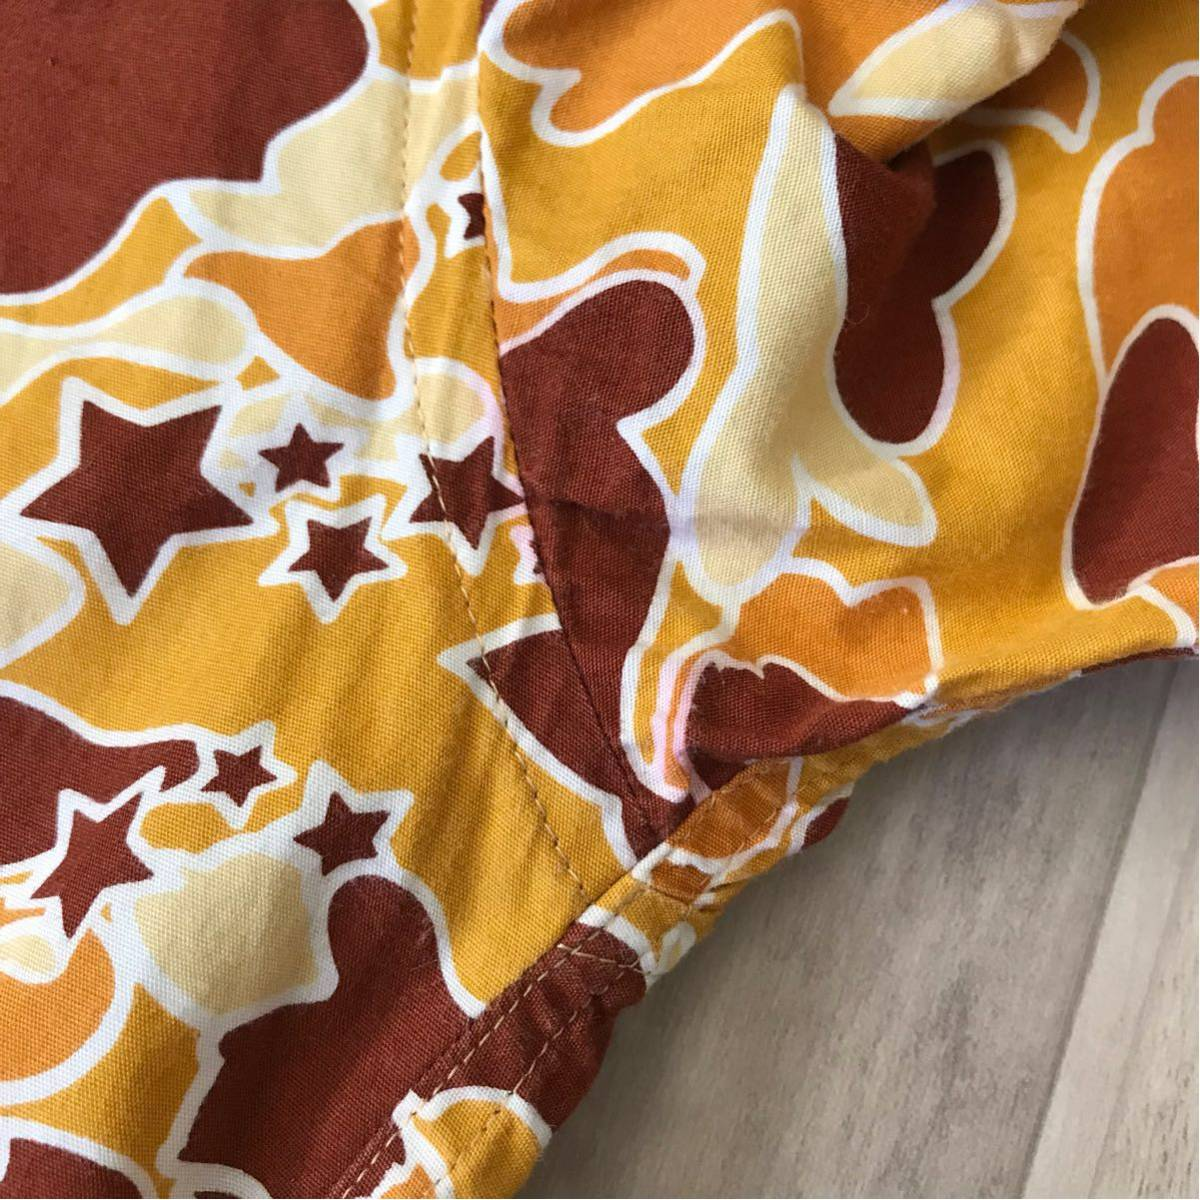 ★XL★ sta camo 長袖シャツ a bathing ape bape エイプ ベイプ アベイシングエイプ psyche サイケ カモフラ 迷彩 裏原宿 orange camo